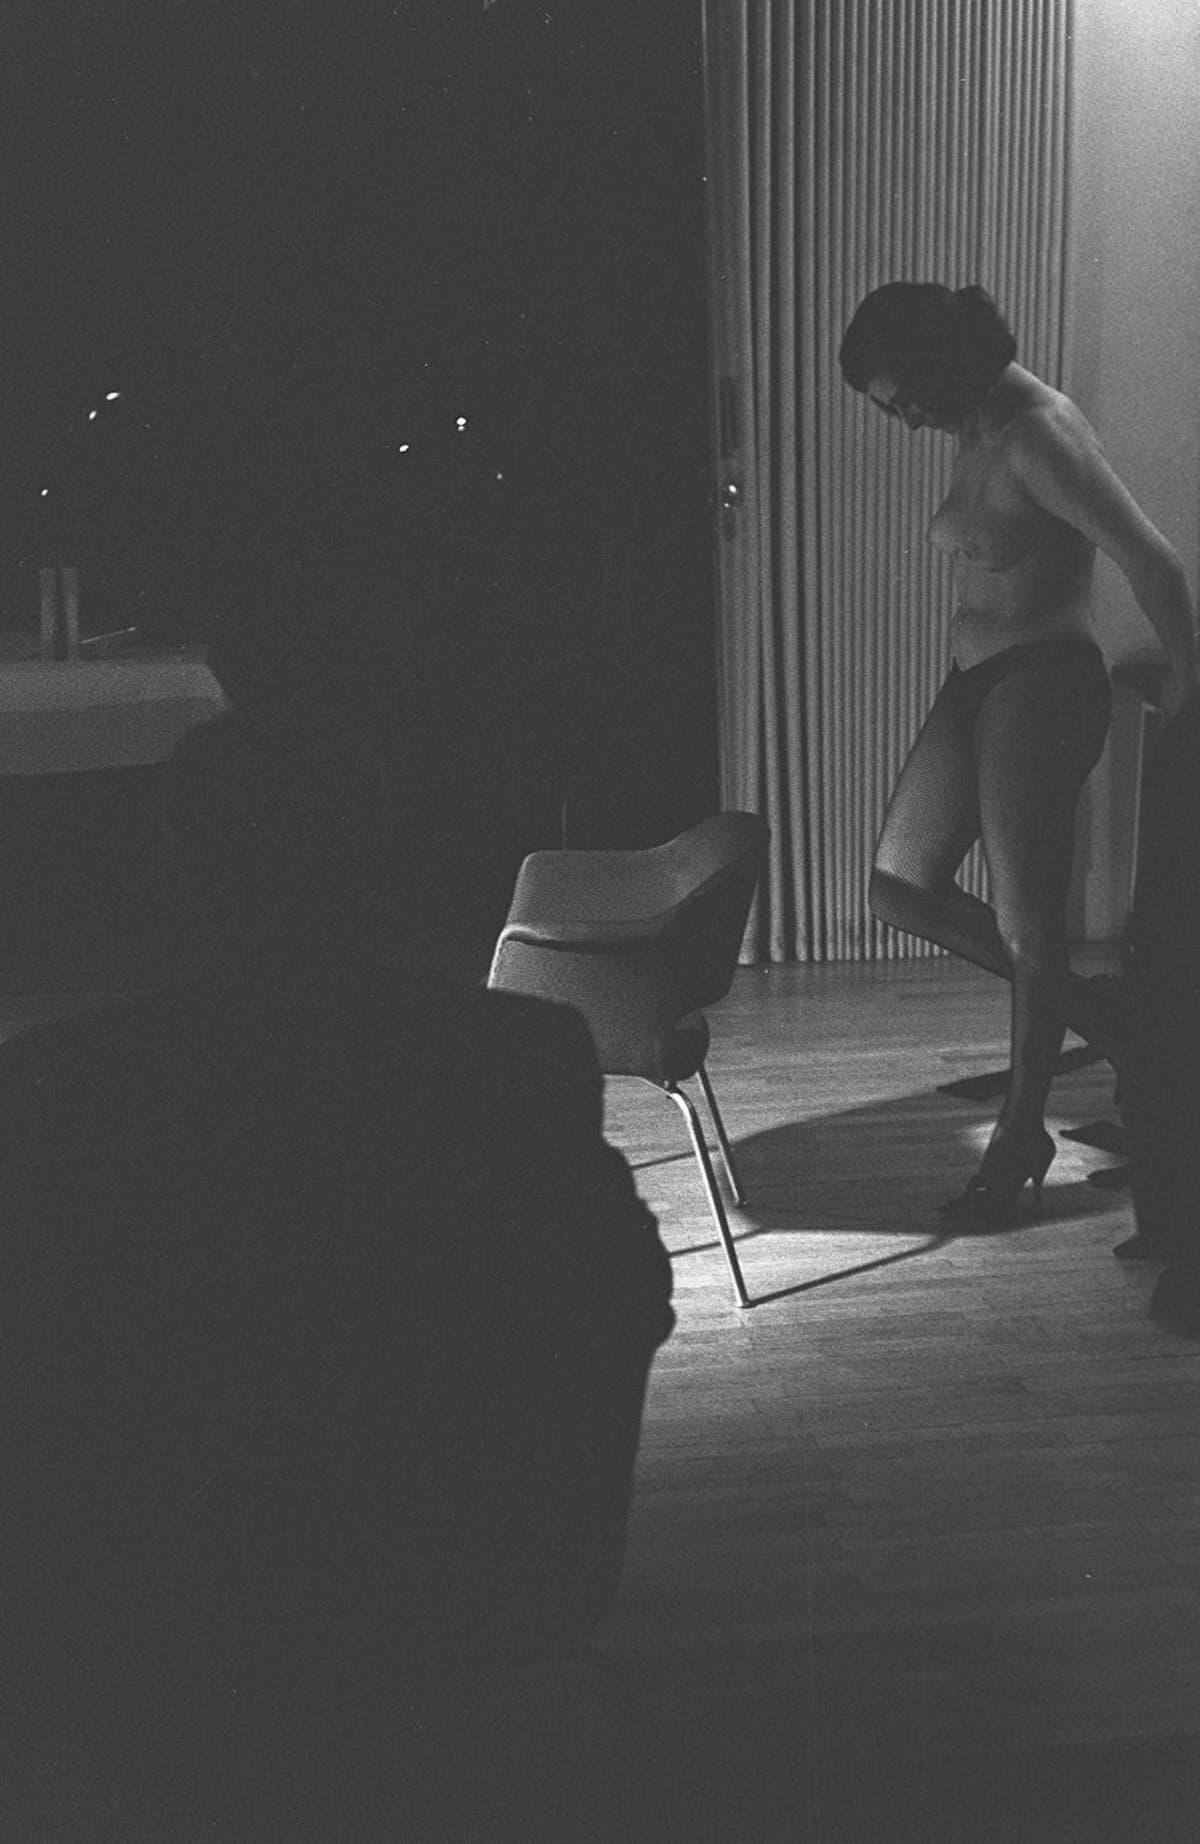 Nainen riisuuntuu ravintolan kabinetissa, mahdollisesti yksityinen striptease-esitys (strippari).